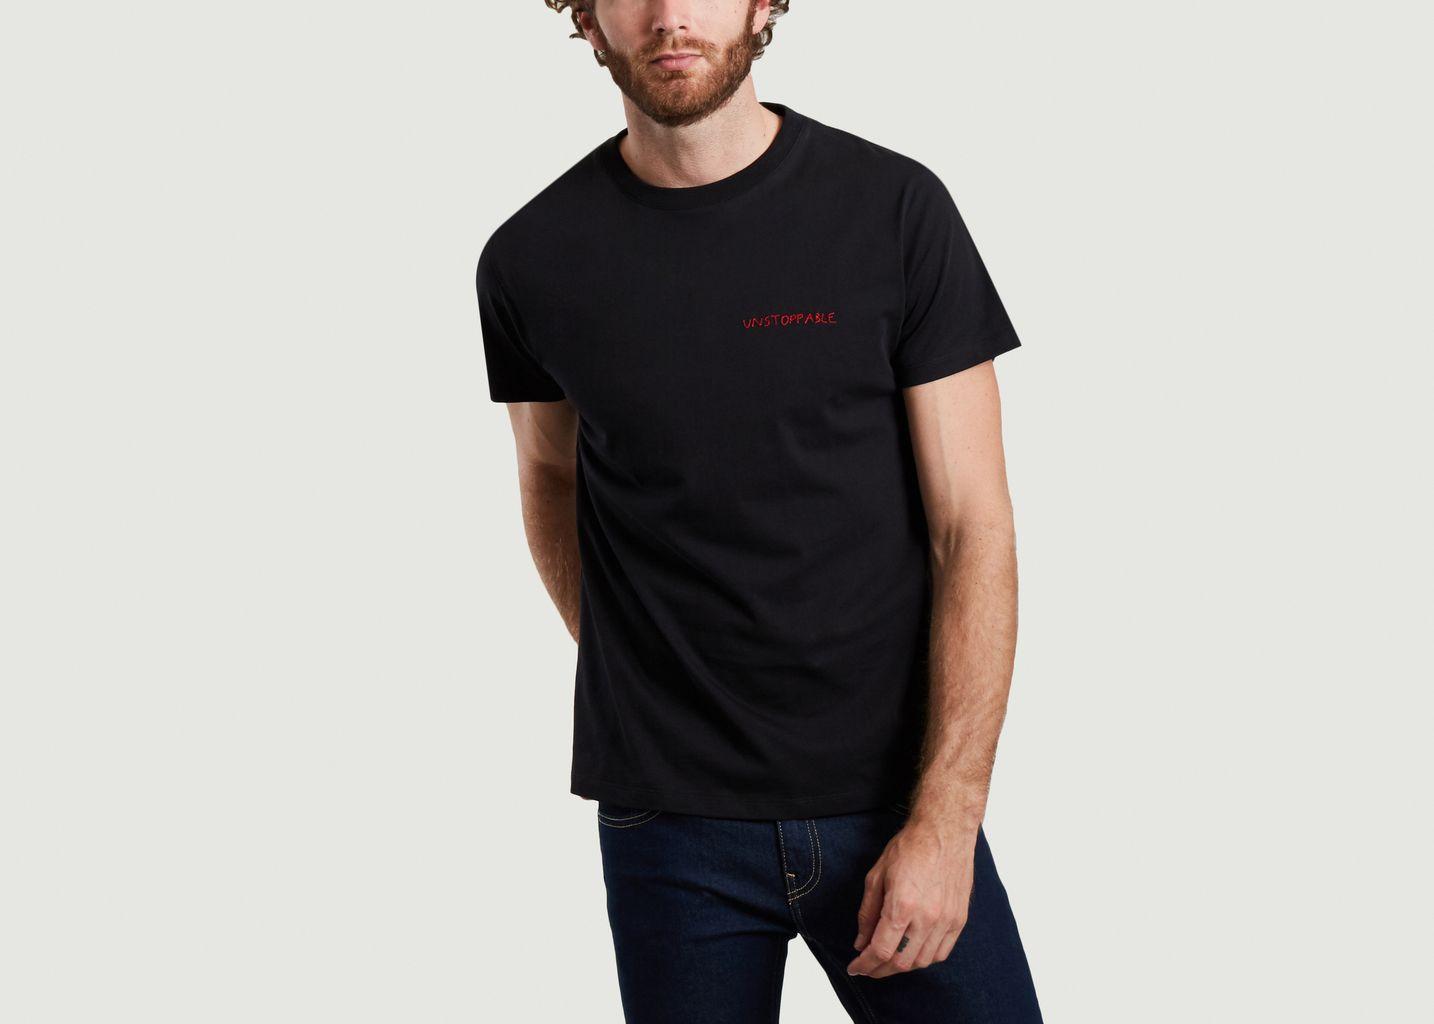 T-shirt brodé en coton bio Unstoppable - Maison Labiche